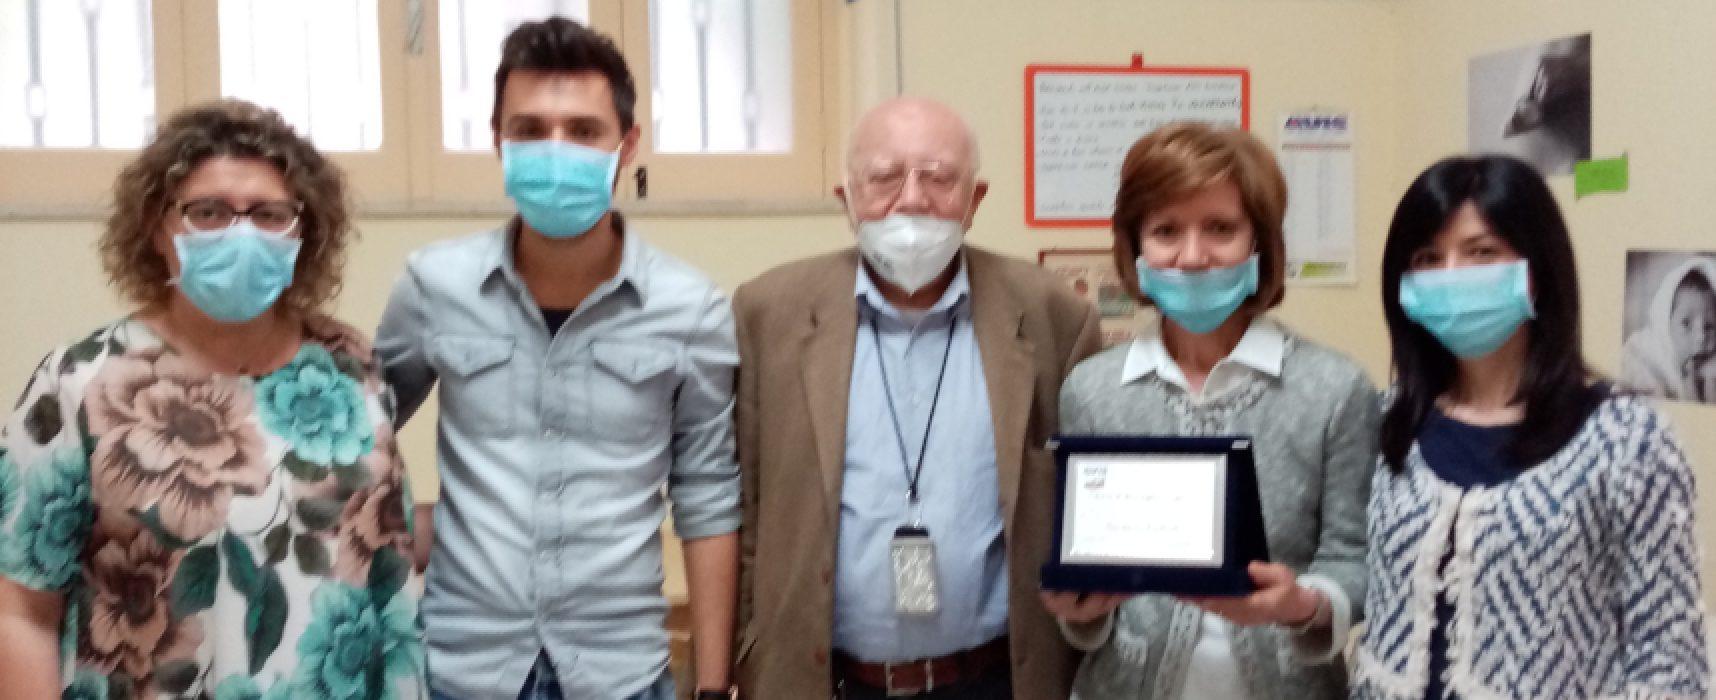 Avis Bisceglie ringrazia la famiglia di Gaetano Valente per la donazione